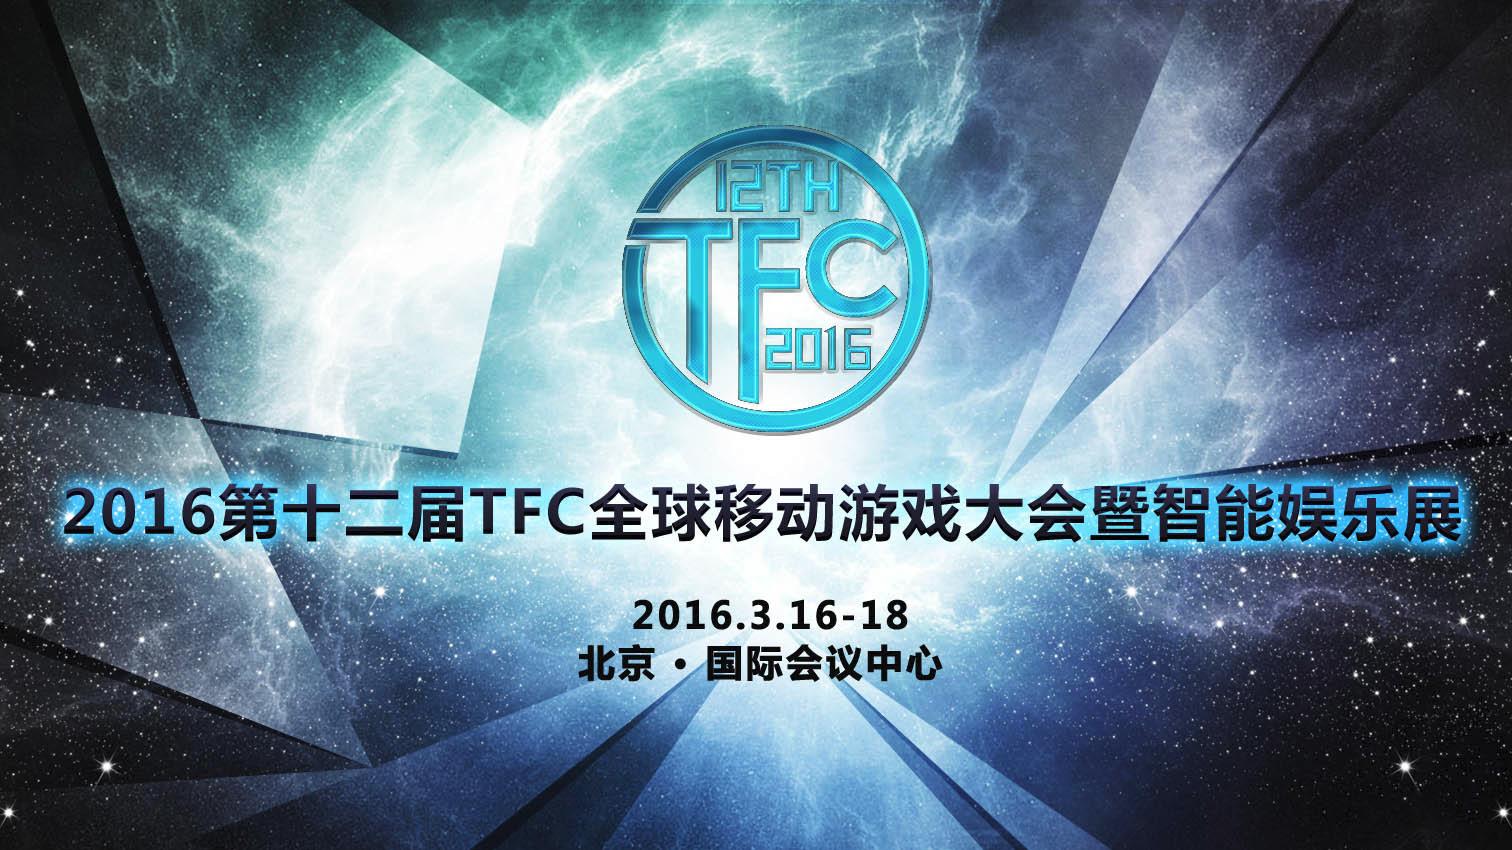 2016tfc集百强移动游戏基石级企业奠基智能娱乐新时代